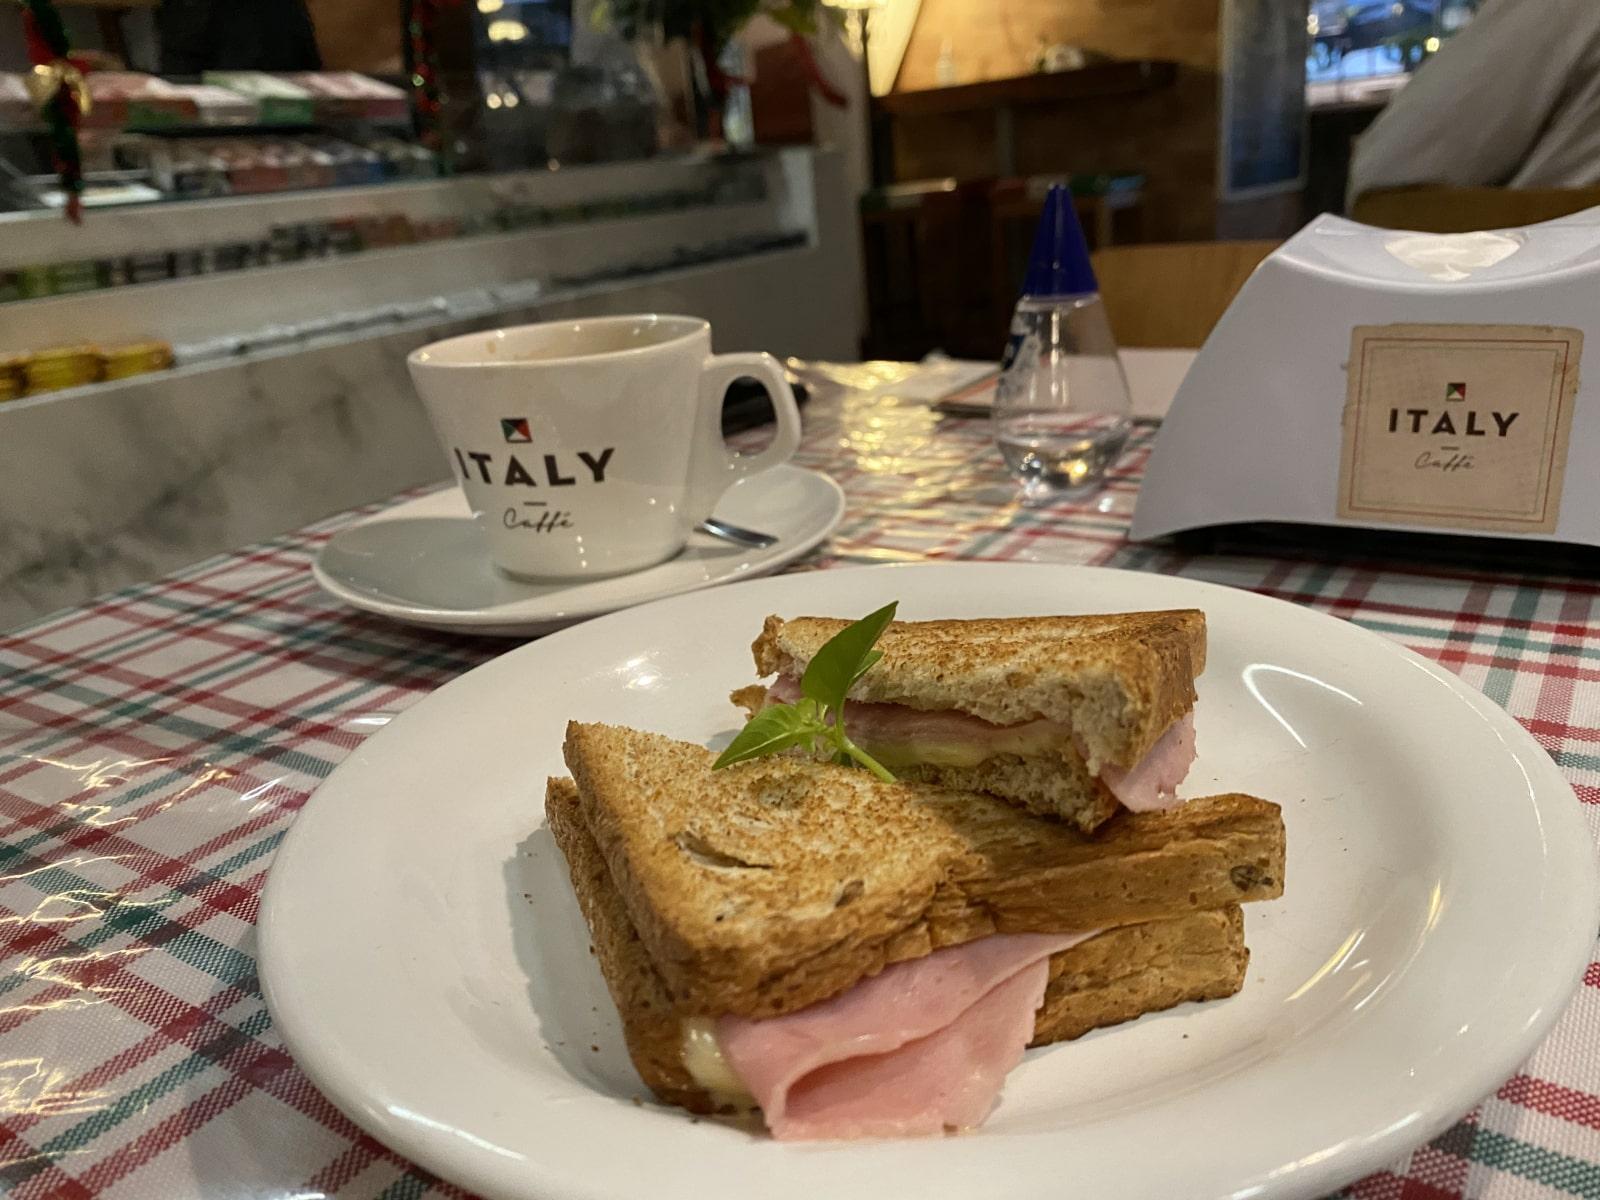 Italy-Café